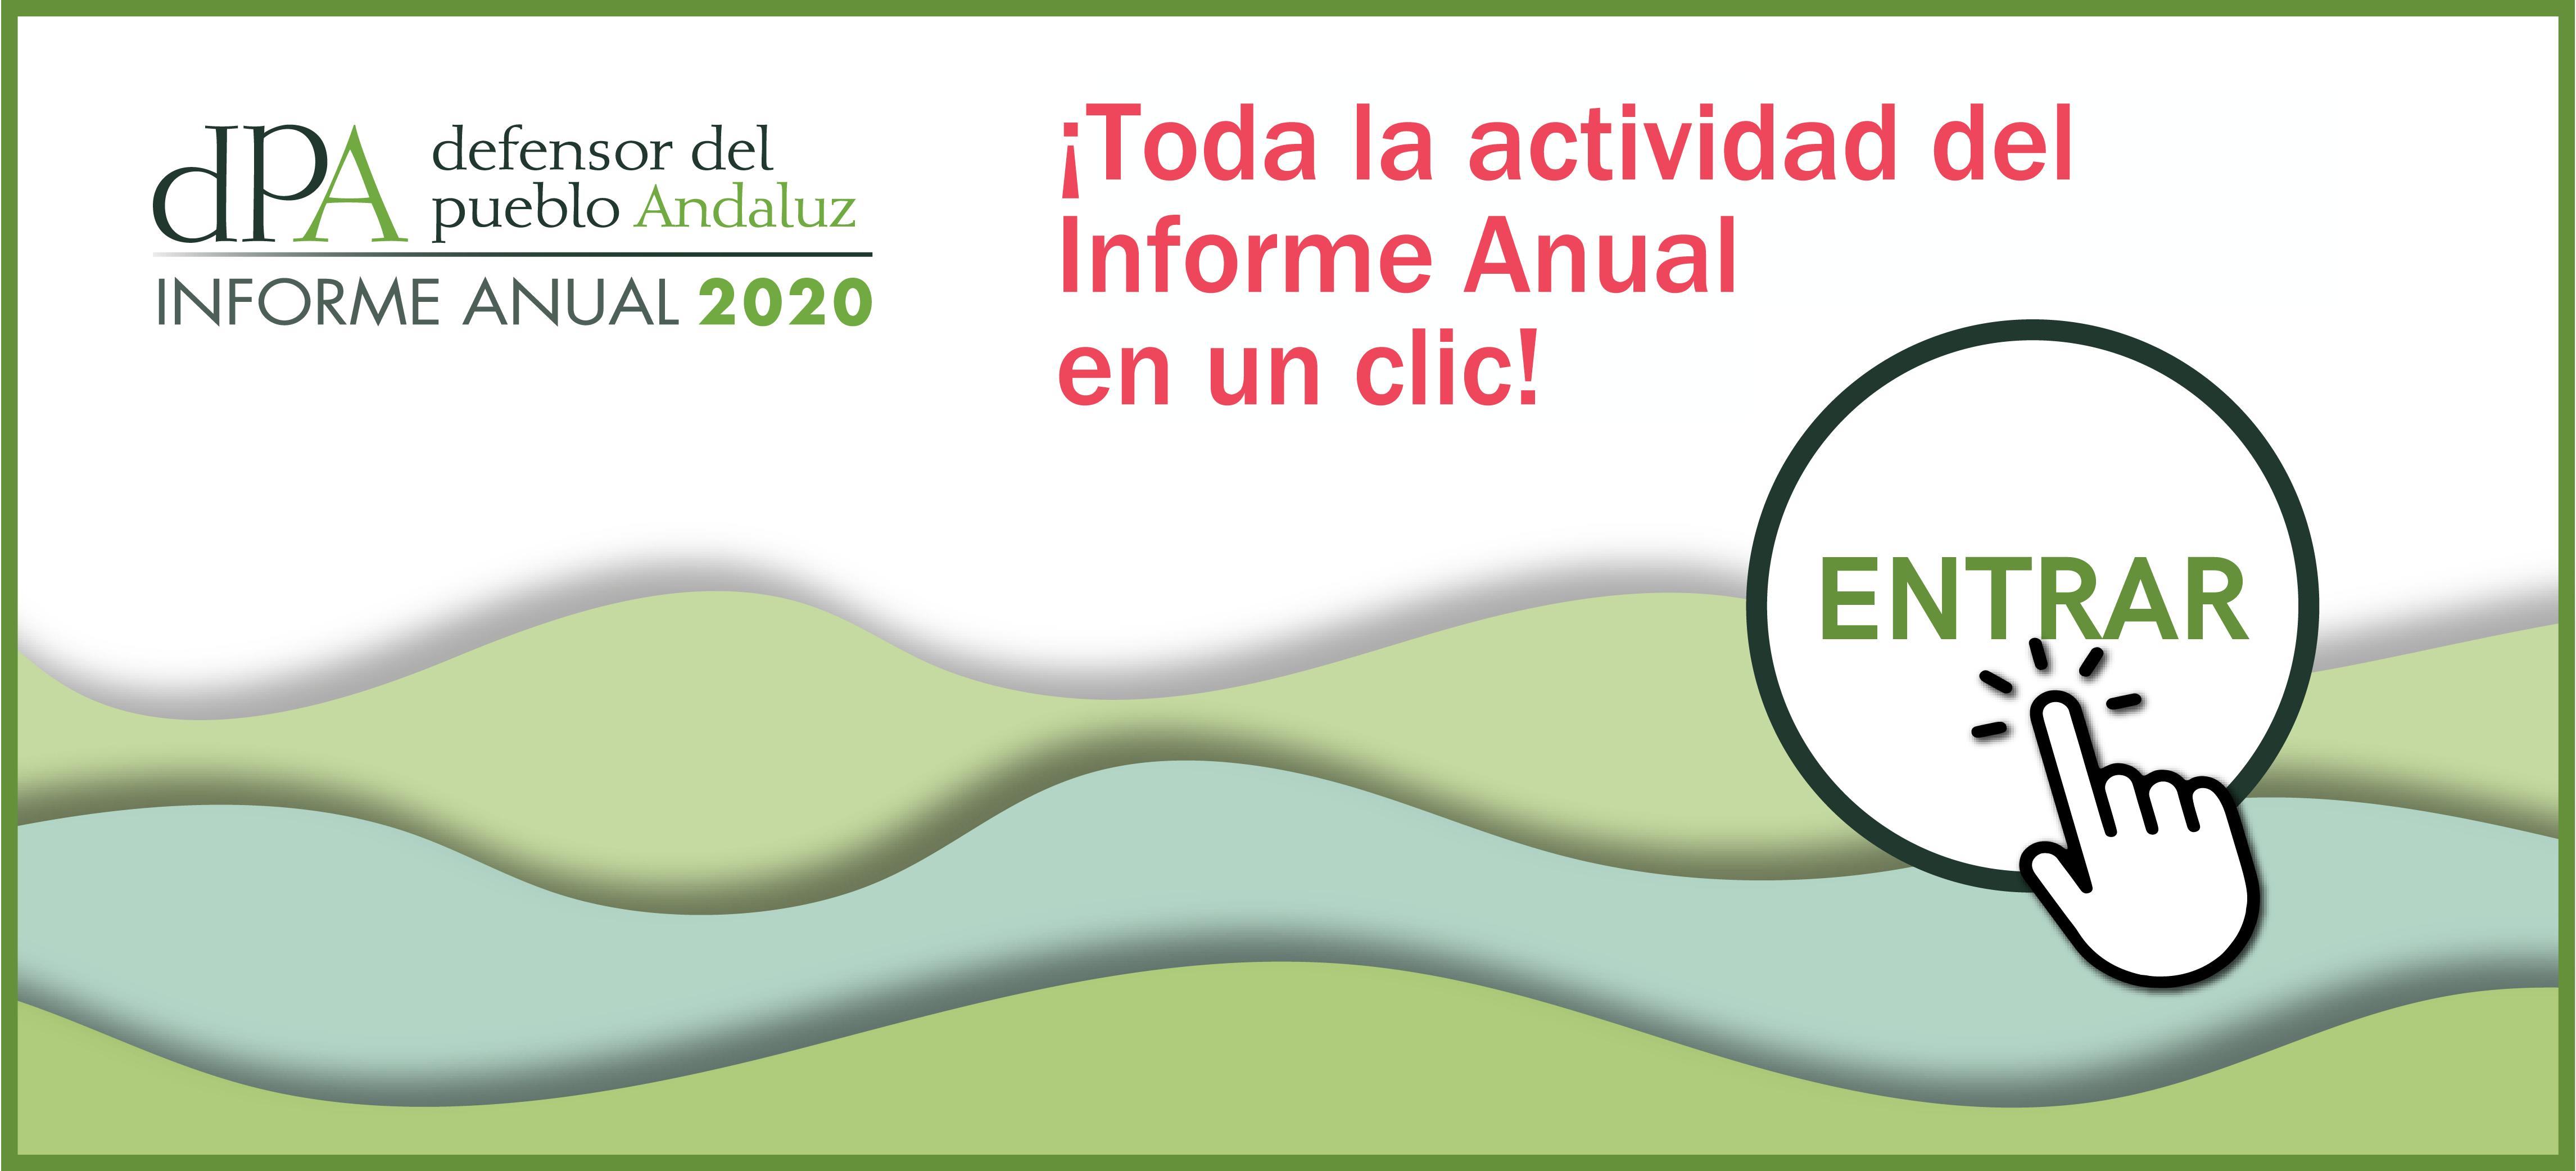 slider_informe_anual_defensor_2020-01_01.png